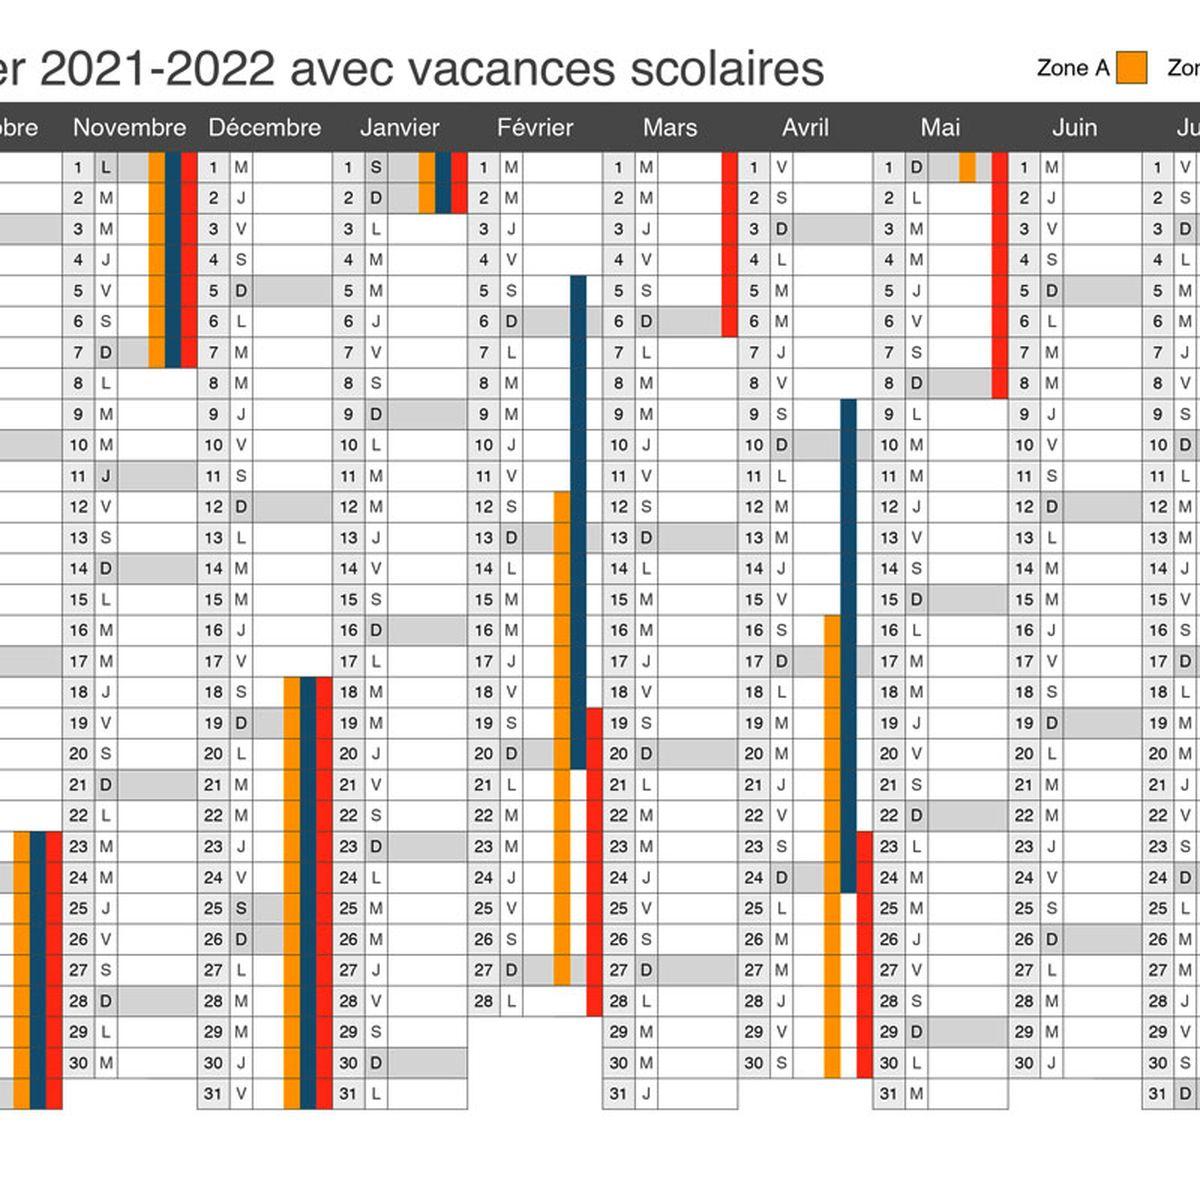 Calendrier Scolaire 2022_2022 Vacances scolaires : découvrez le calendrier officiel 2021 2022